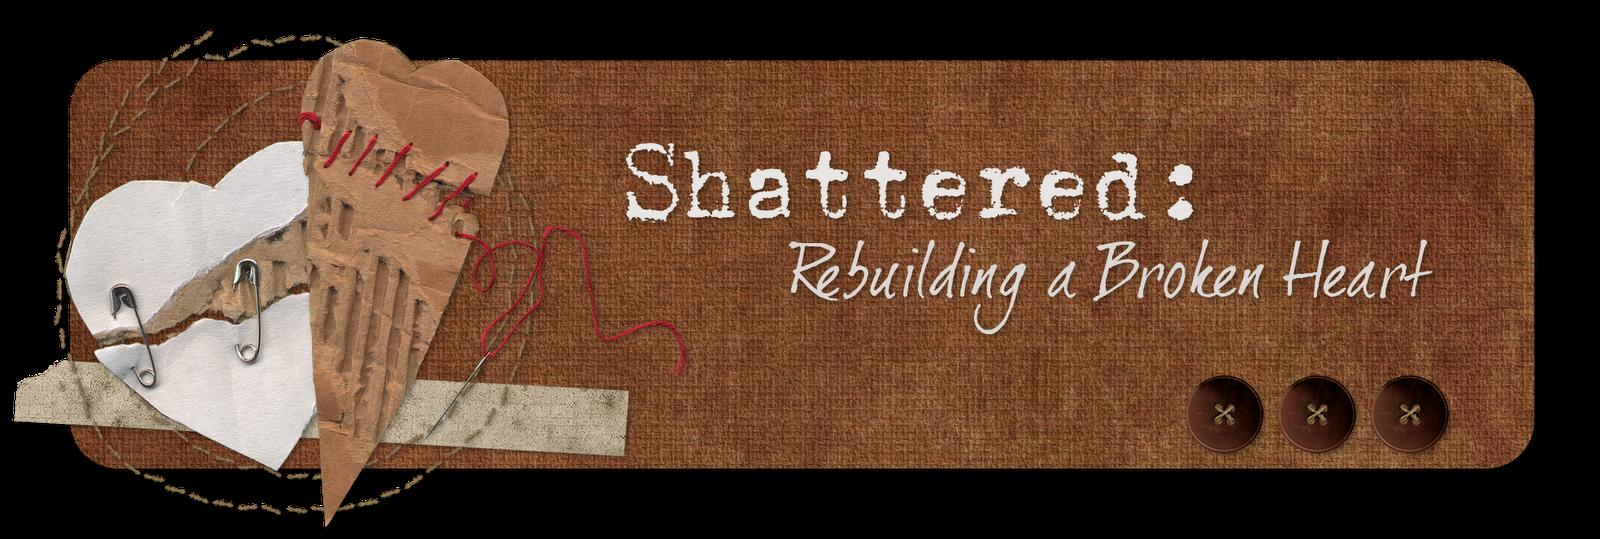 Rebuilding a Broken Heart